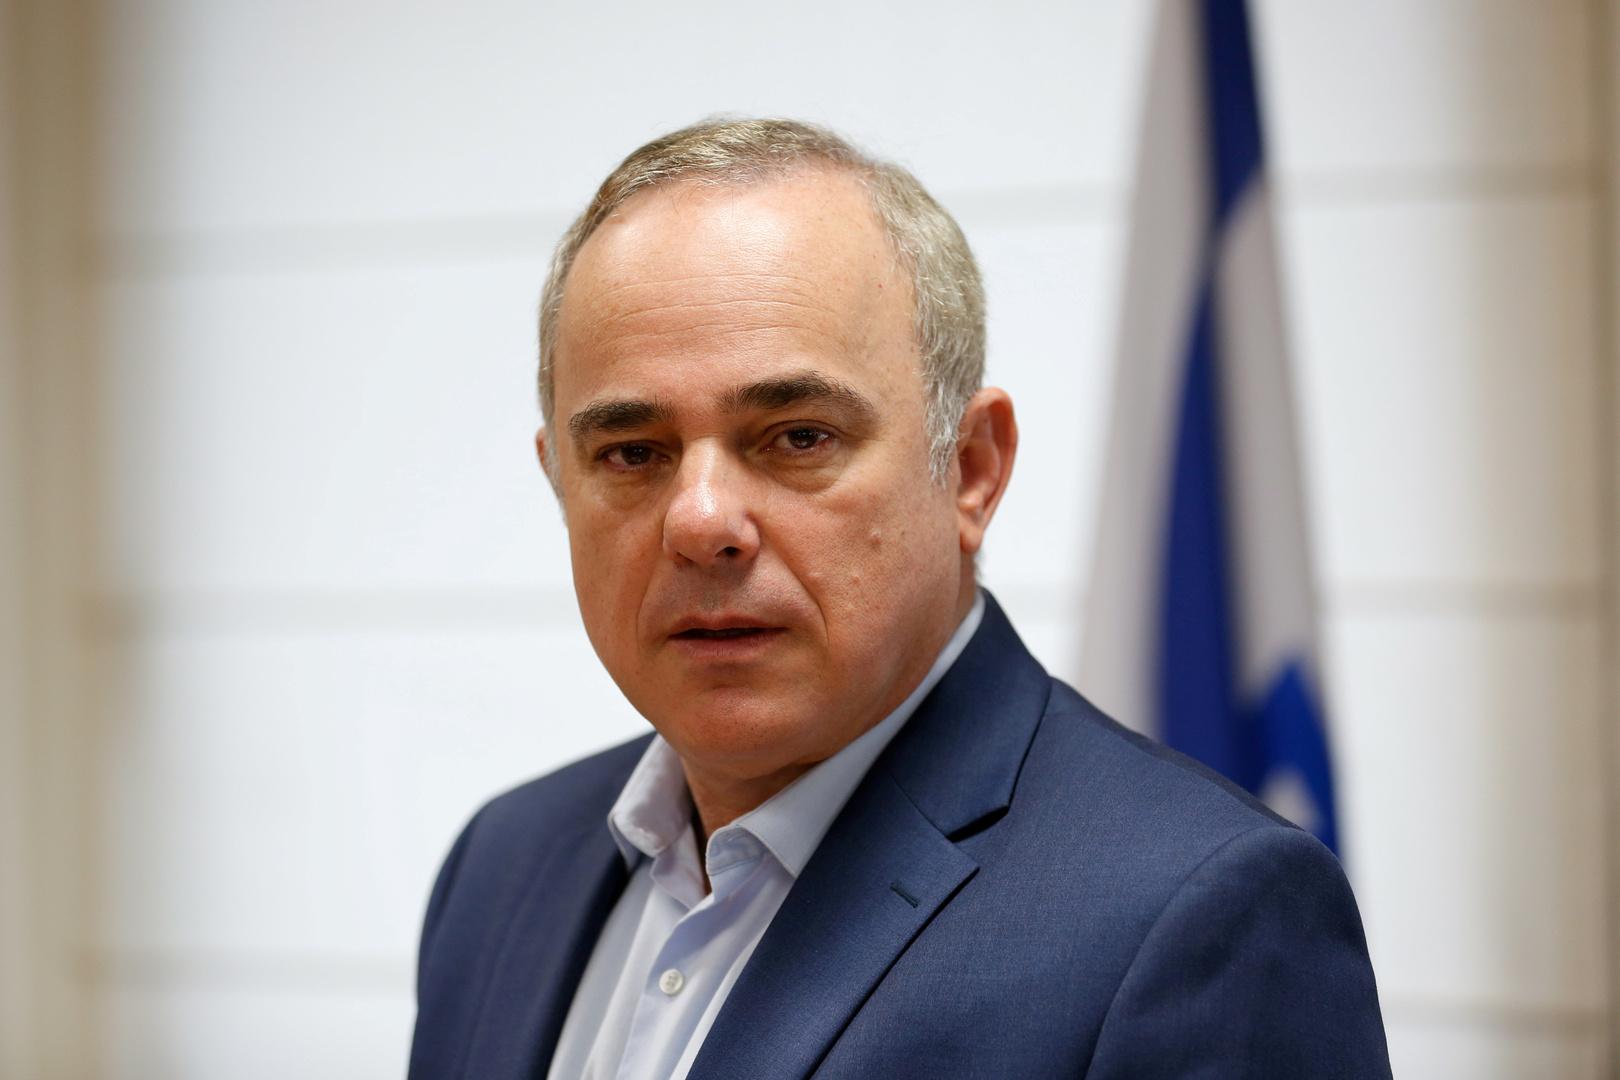 وزير الطاقة الإسرائيلي يوفال شتاينيتز